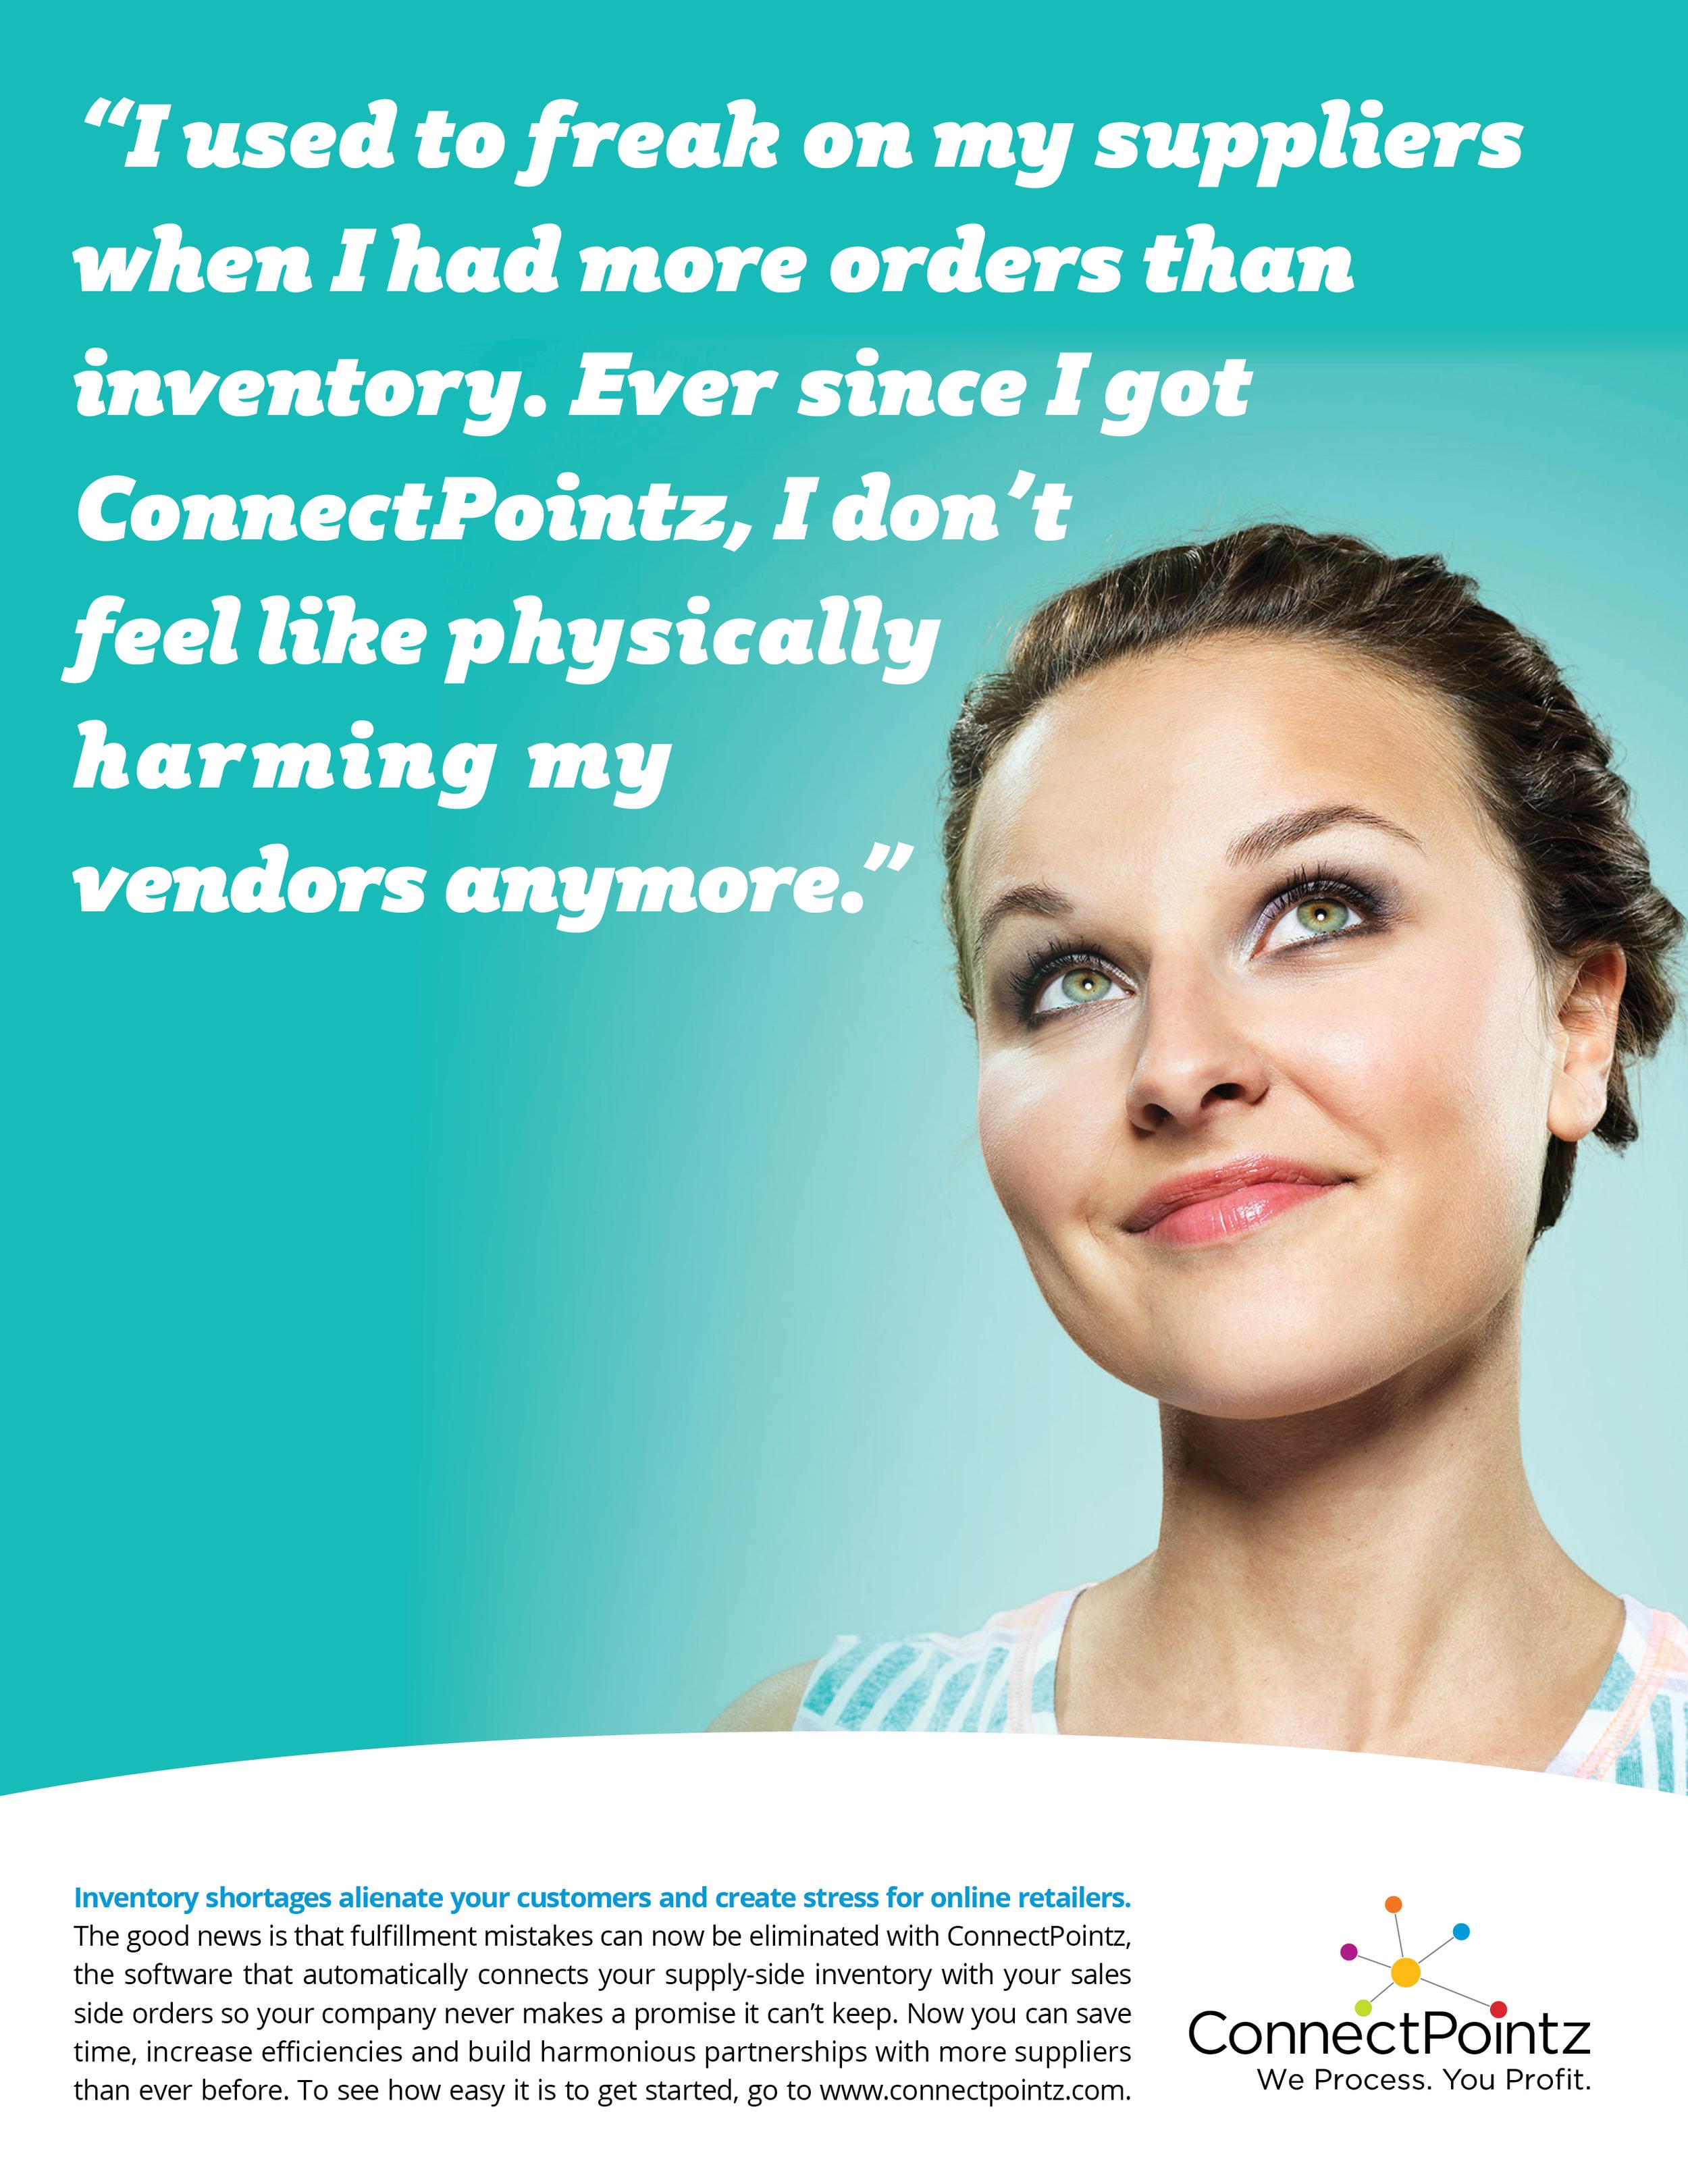 connectpointz-online-retailer-software-advertising.jpg